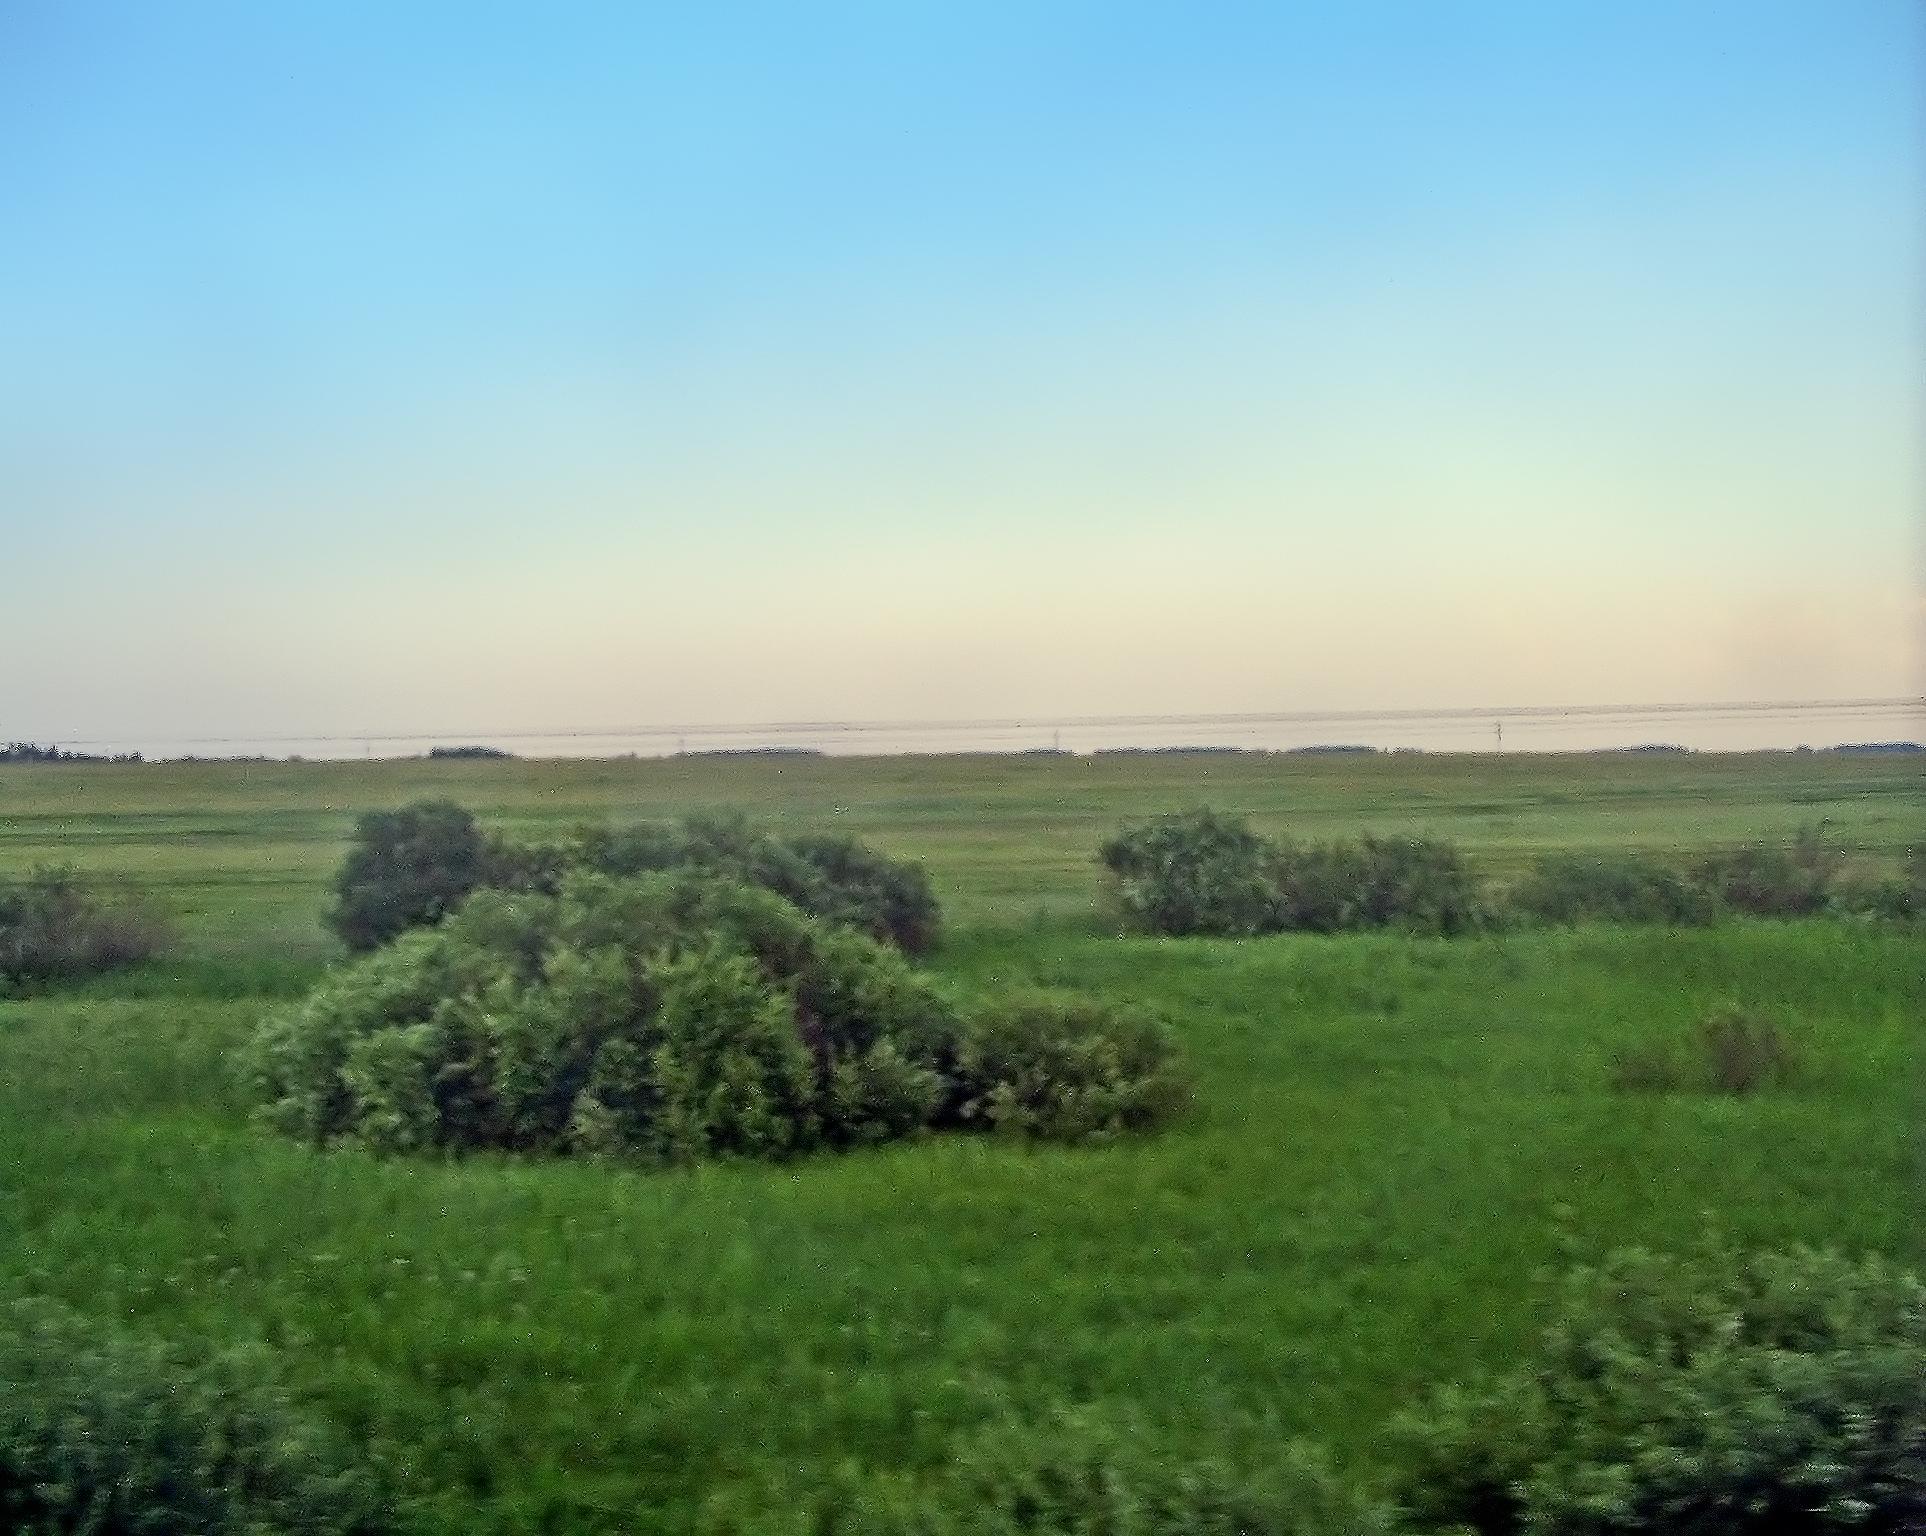 Llanura de Siberia Occidental - Wikipedia, la enciclopedia libre